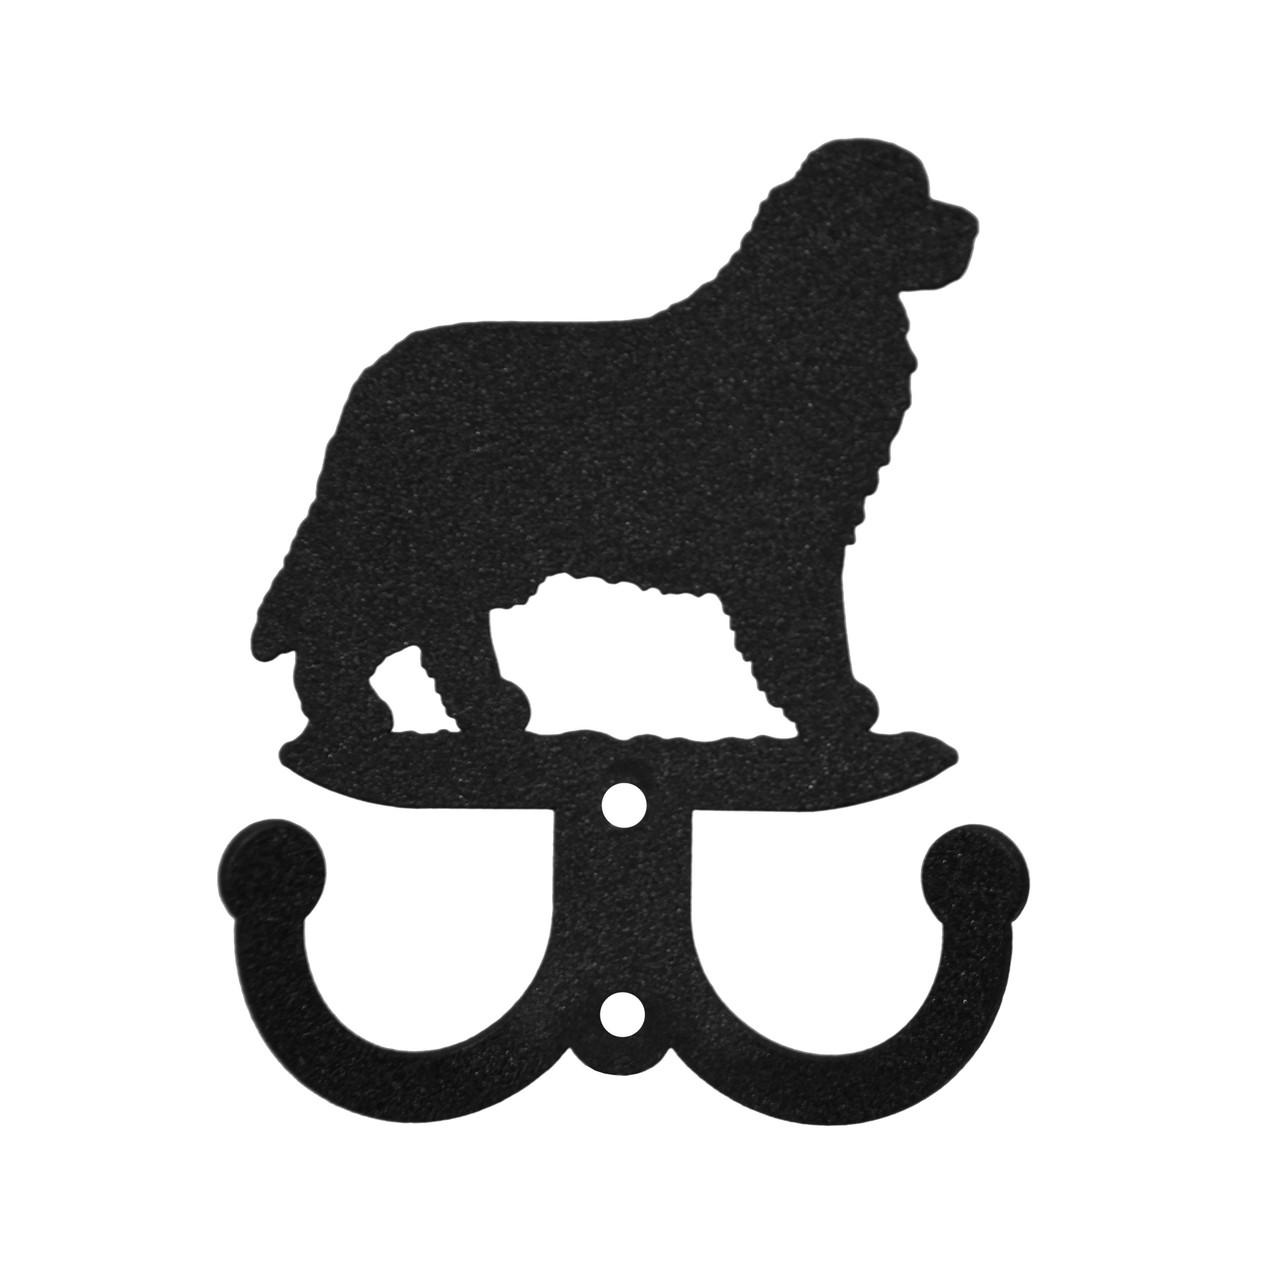 SWEN Products NEWFOUNDLAND Dog Black Metal Business Card Holder